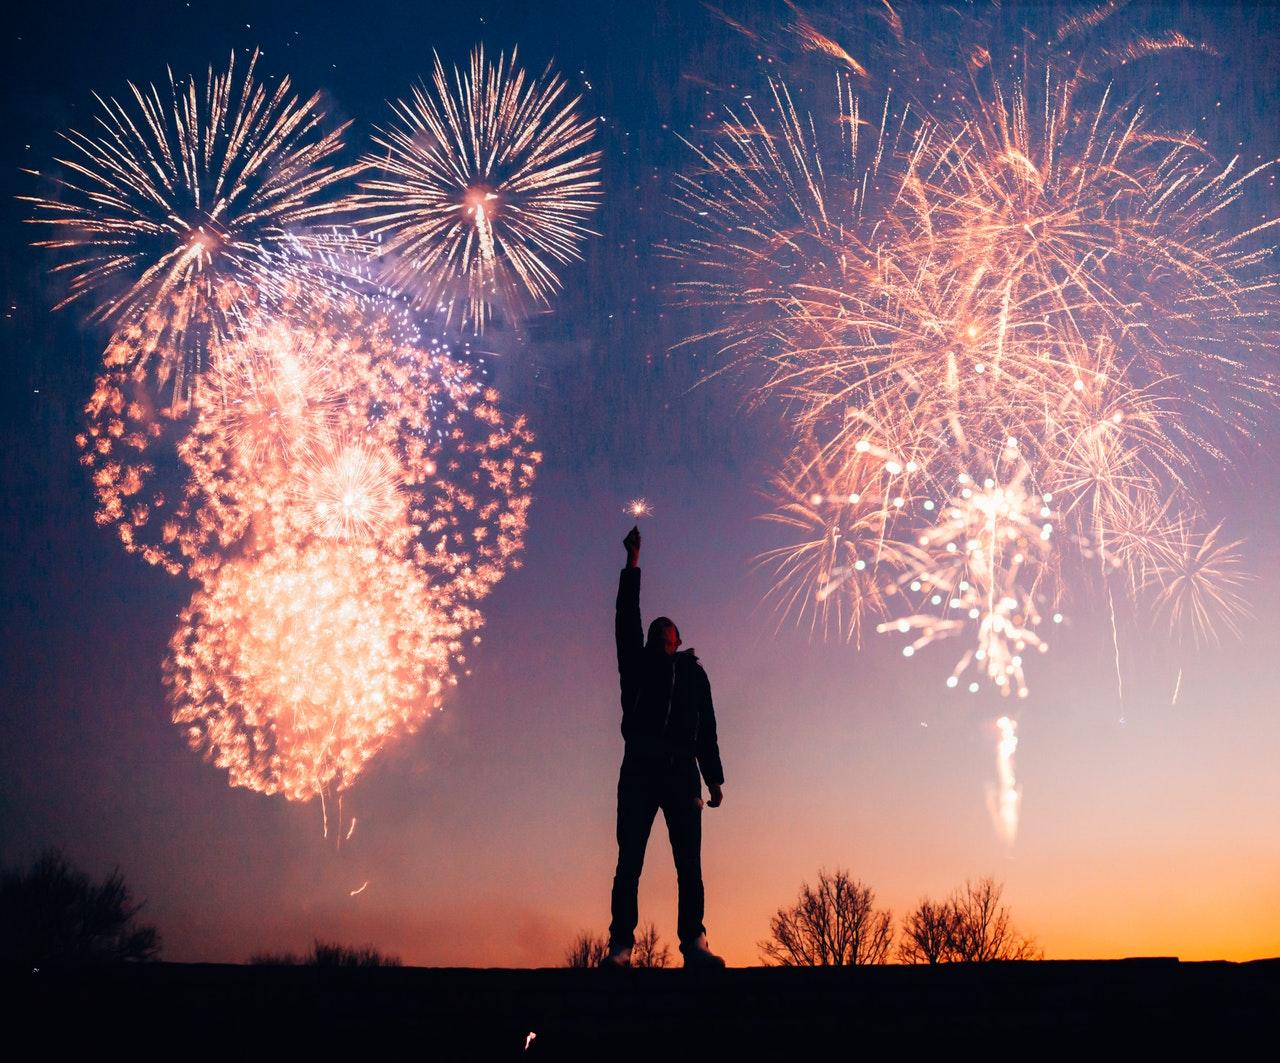 Beleef een uniek oud & nieuw 2019/2020 in de woestijn van Marokko! Met een nieuwjaars feest midden in de sahara in een tentenkamp beleef je een bijzondere afsluiting van het voorbije jaar